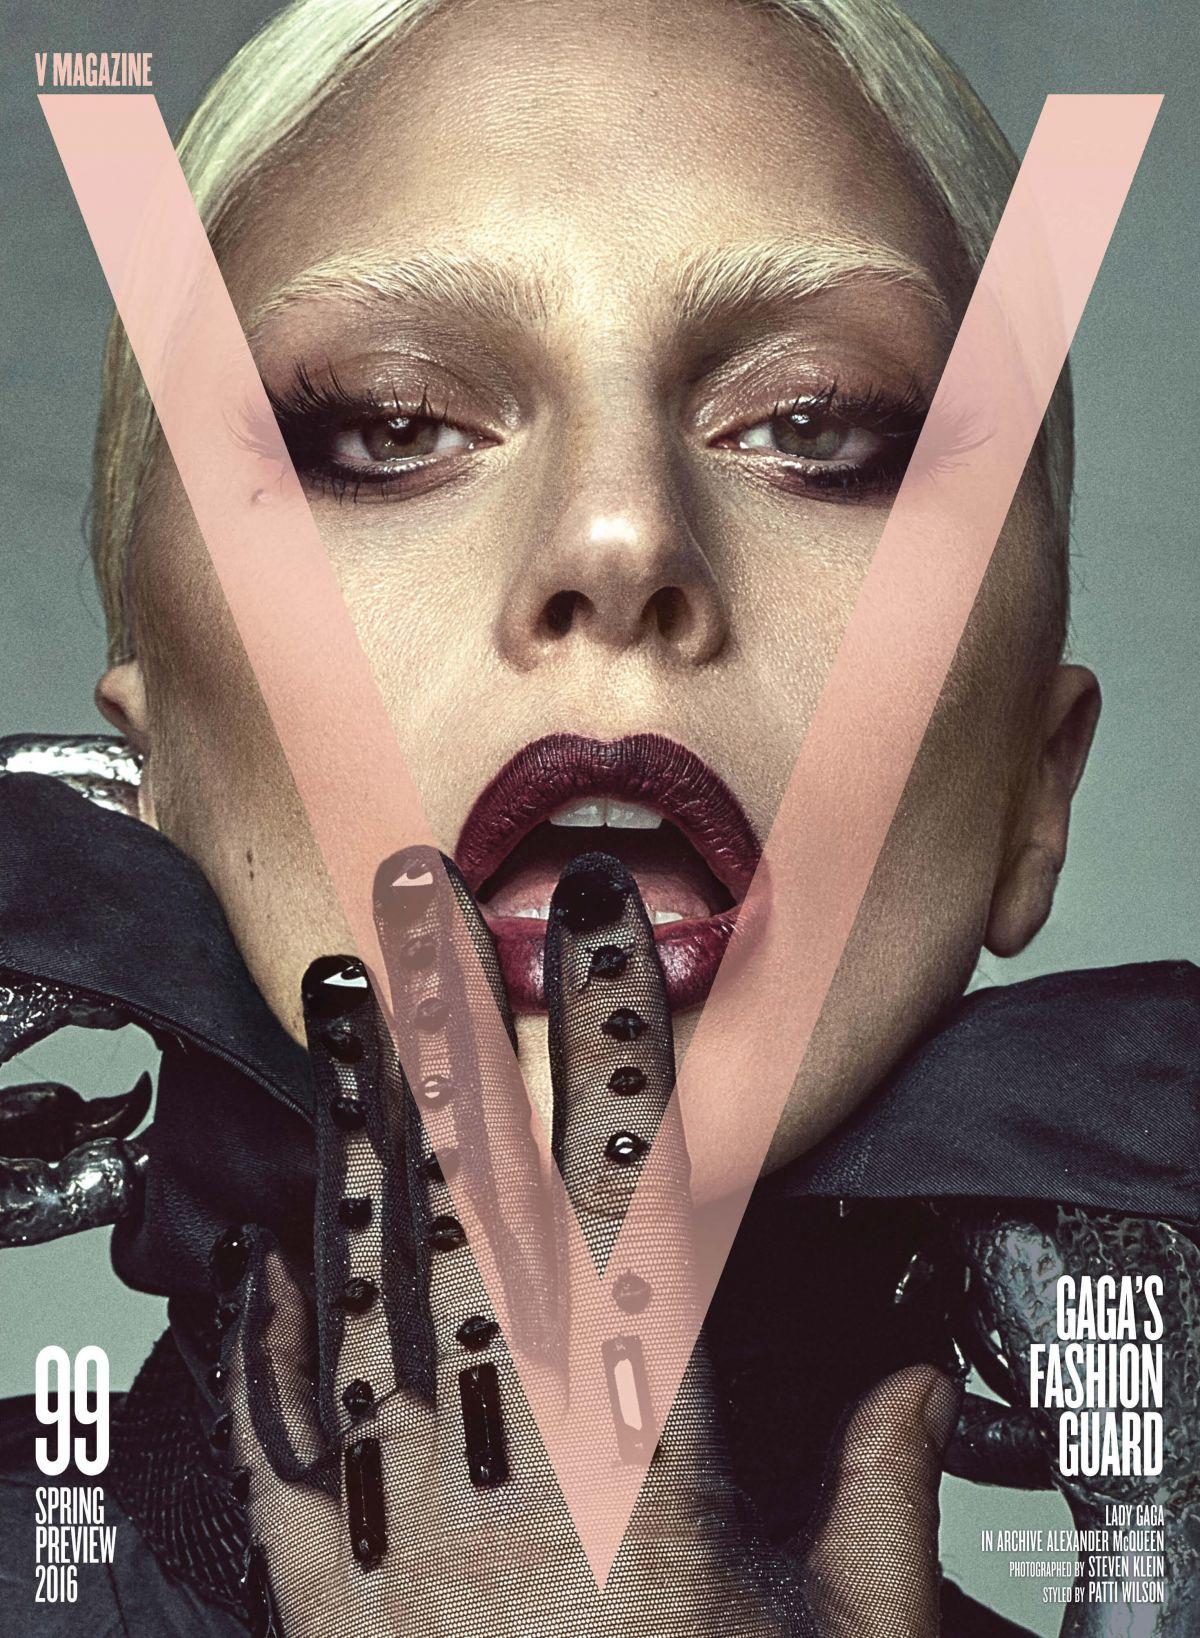 LADY GAGA in V Magazine, Issue #99 - HawtCelebs - HawtCelebs Lady Gaga